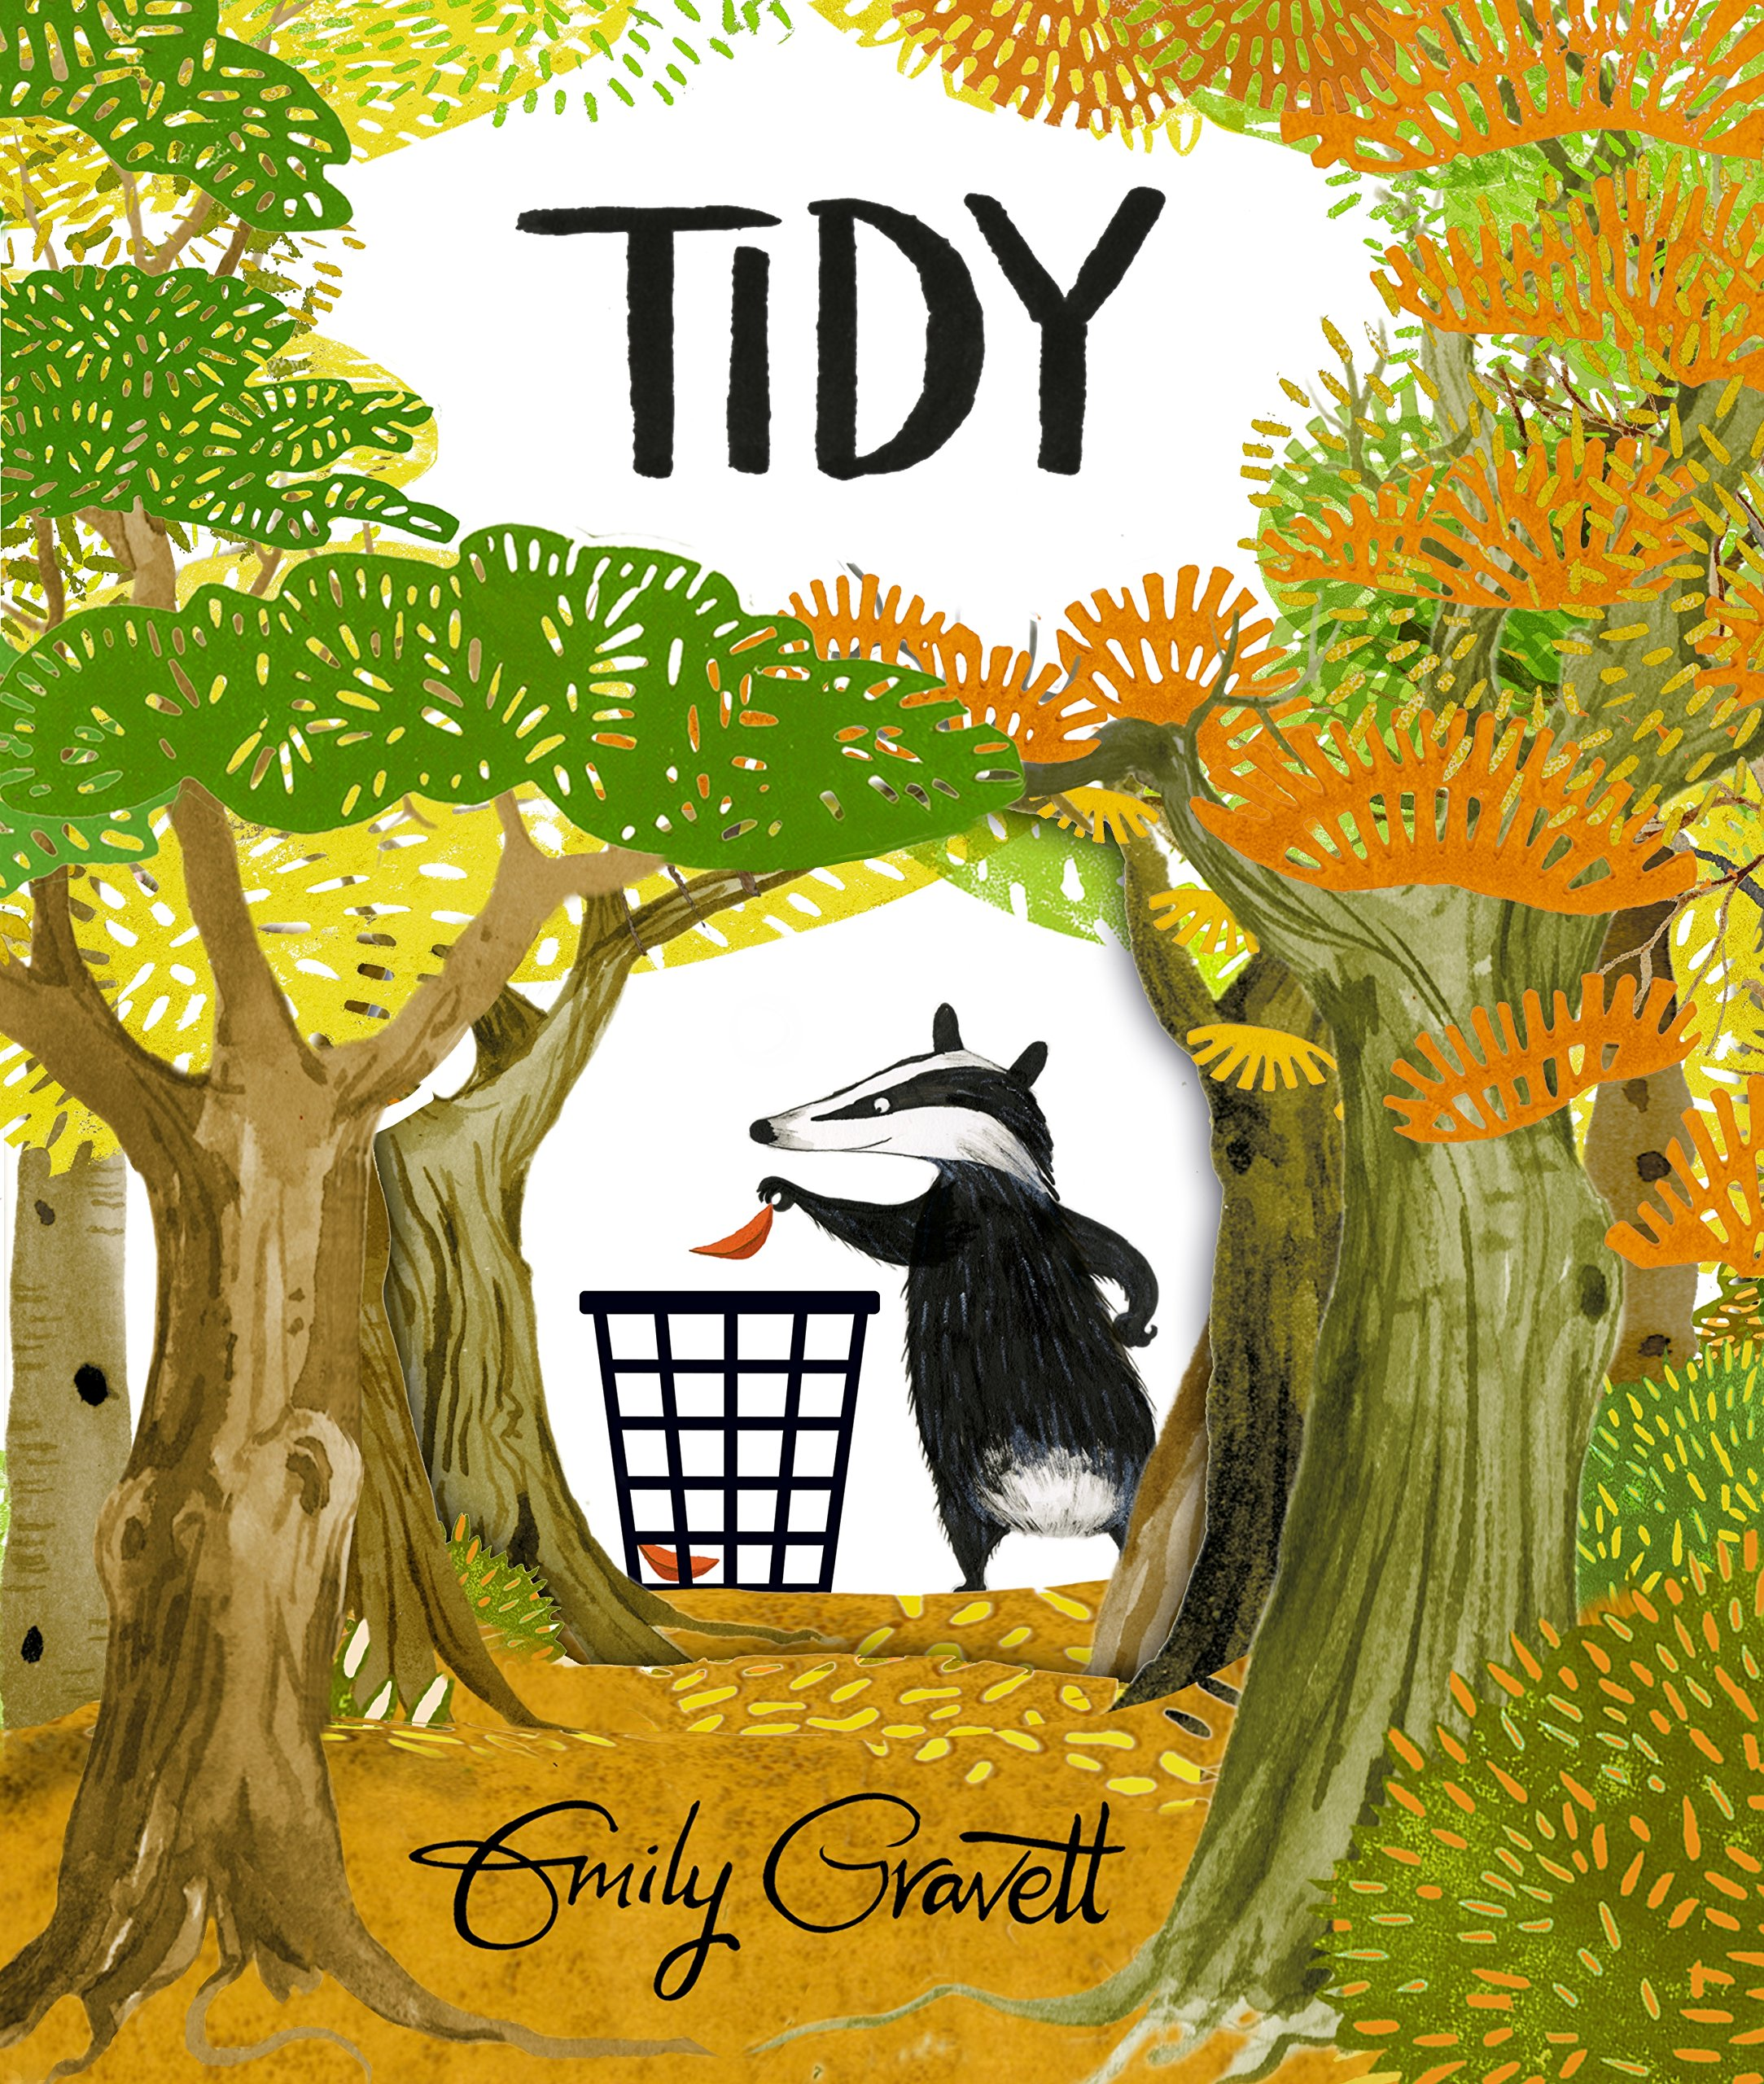 Image result for tidy emily gravett amazon